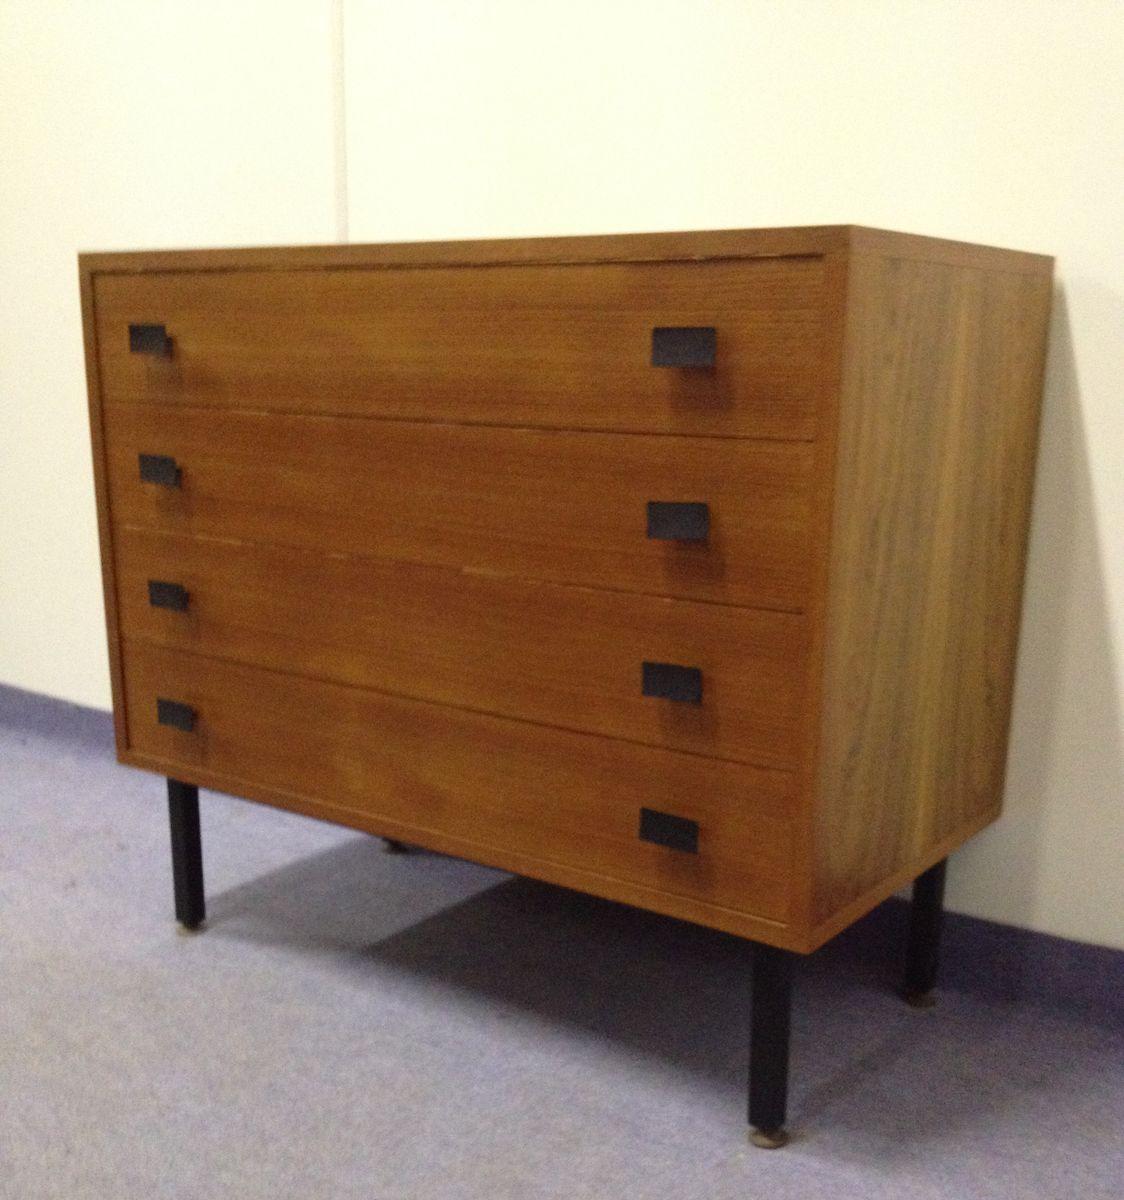 Grand meuble par davide lietti italie 1960s en vente sur for Meuble italien belgique